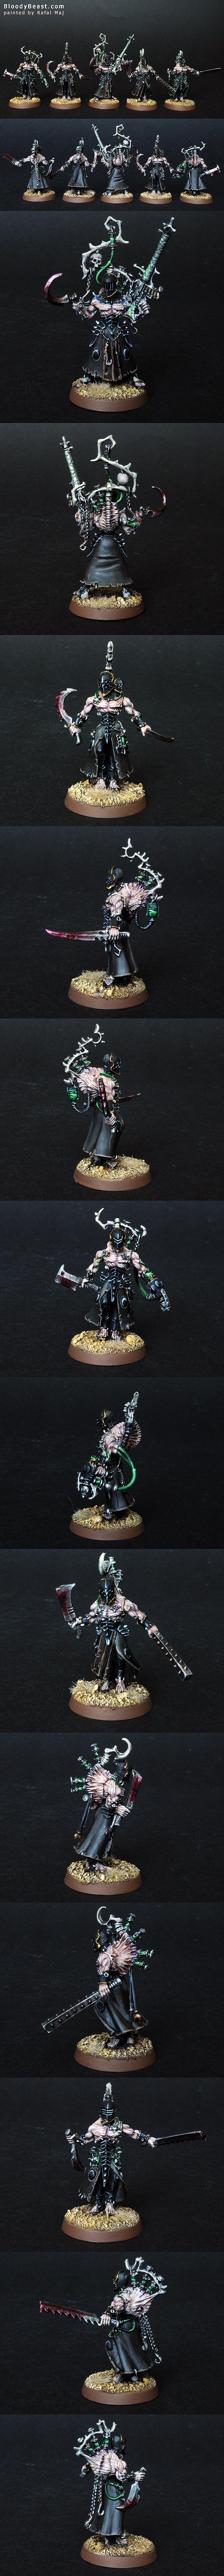 Dark Eldar Wracks painted by Rafal Maj (BloodyBeast.com)